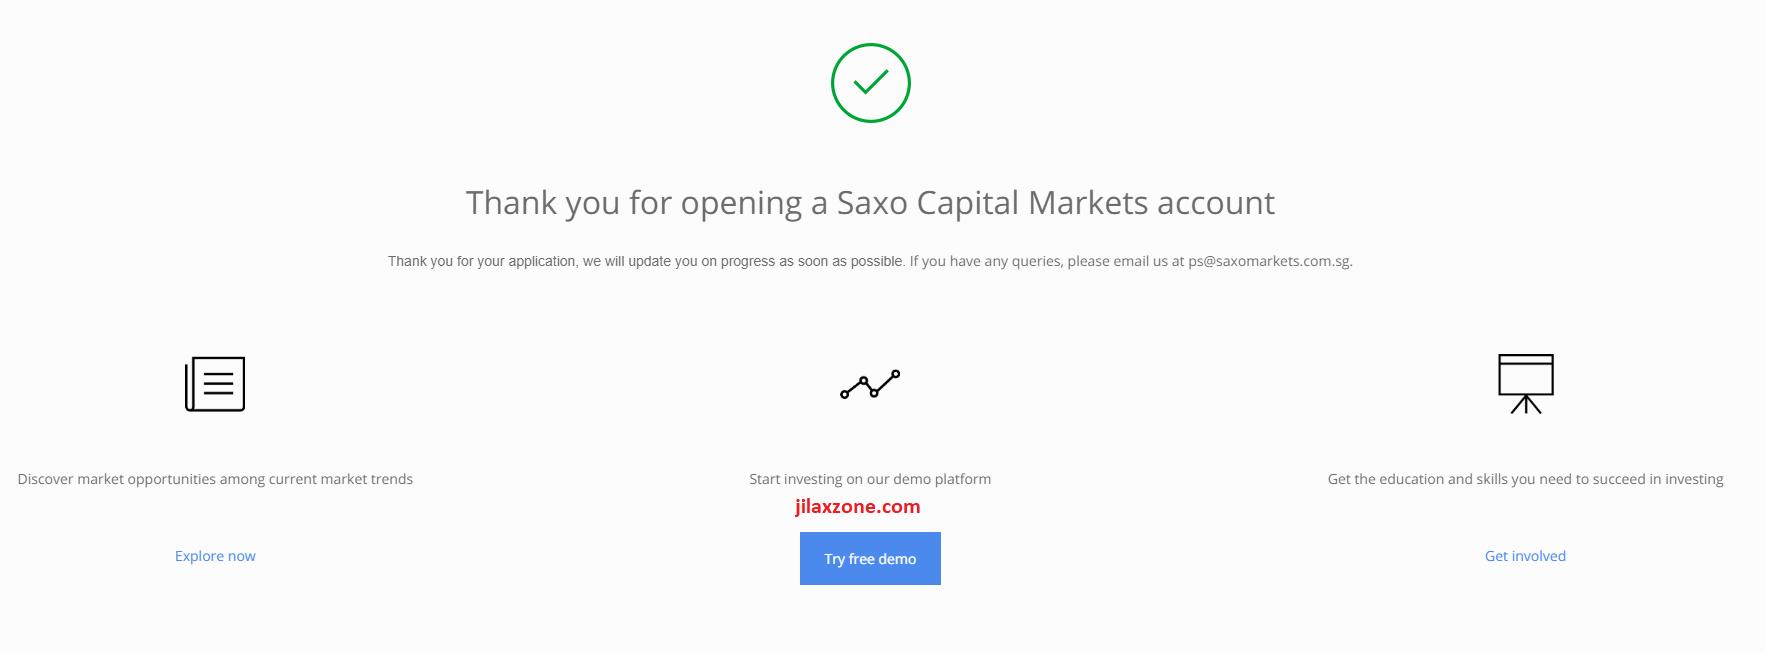 saxo jilaxzone.com 18 congrats